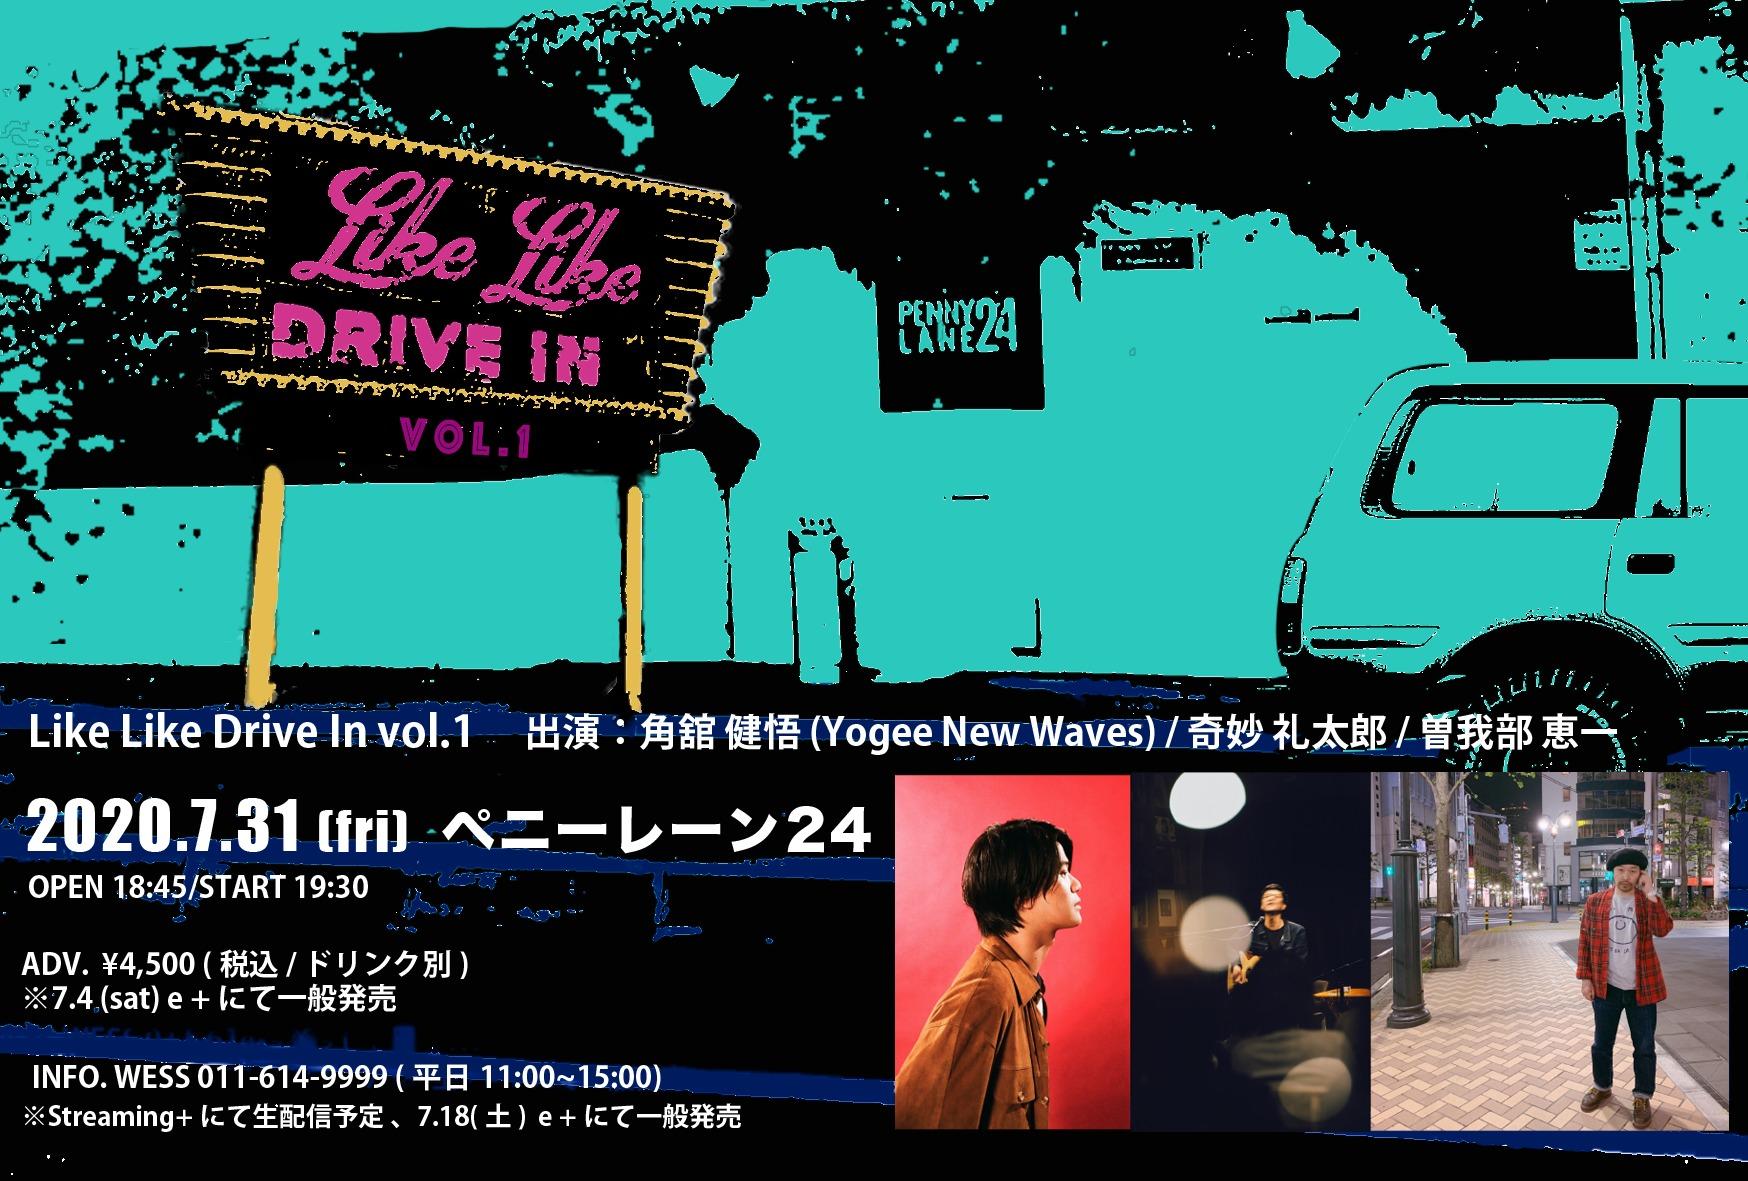 Like Like Drive In vol.1